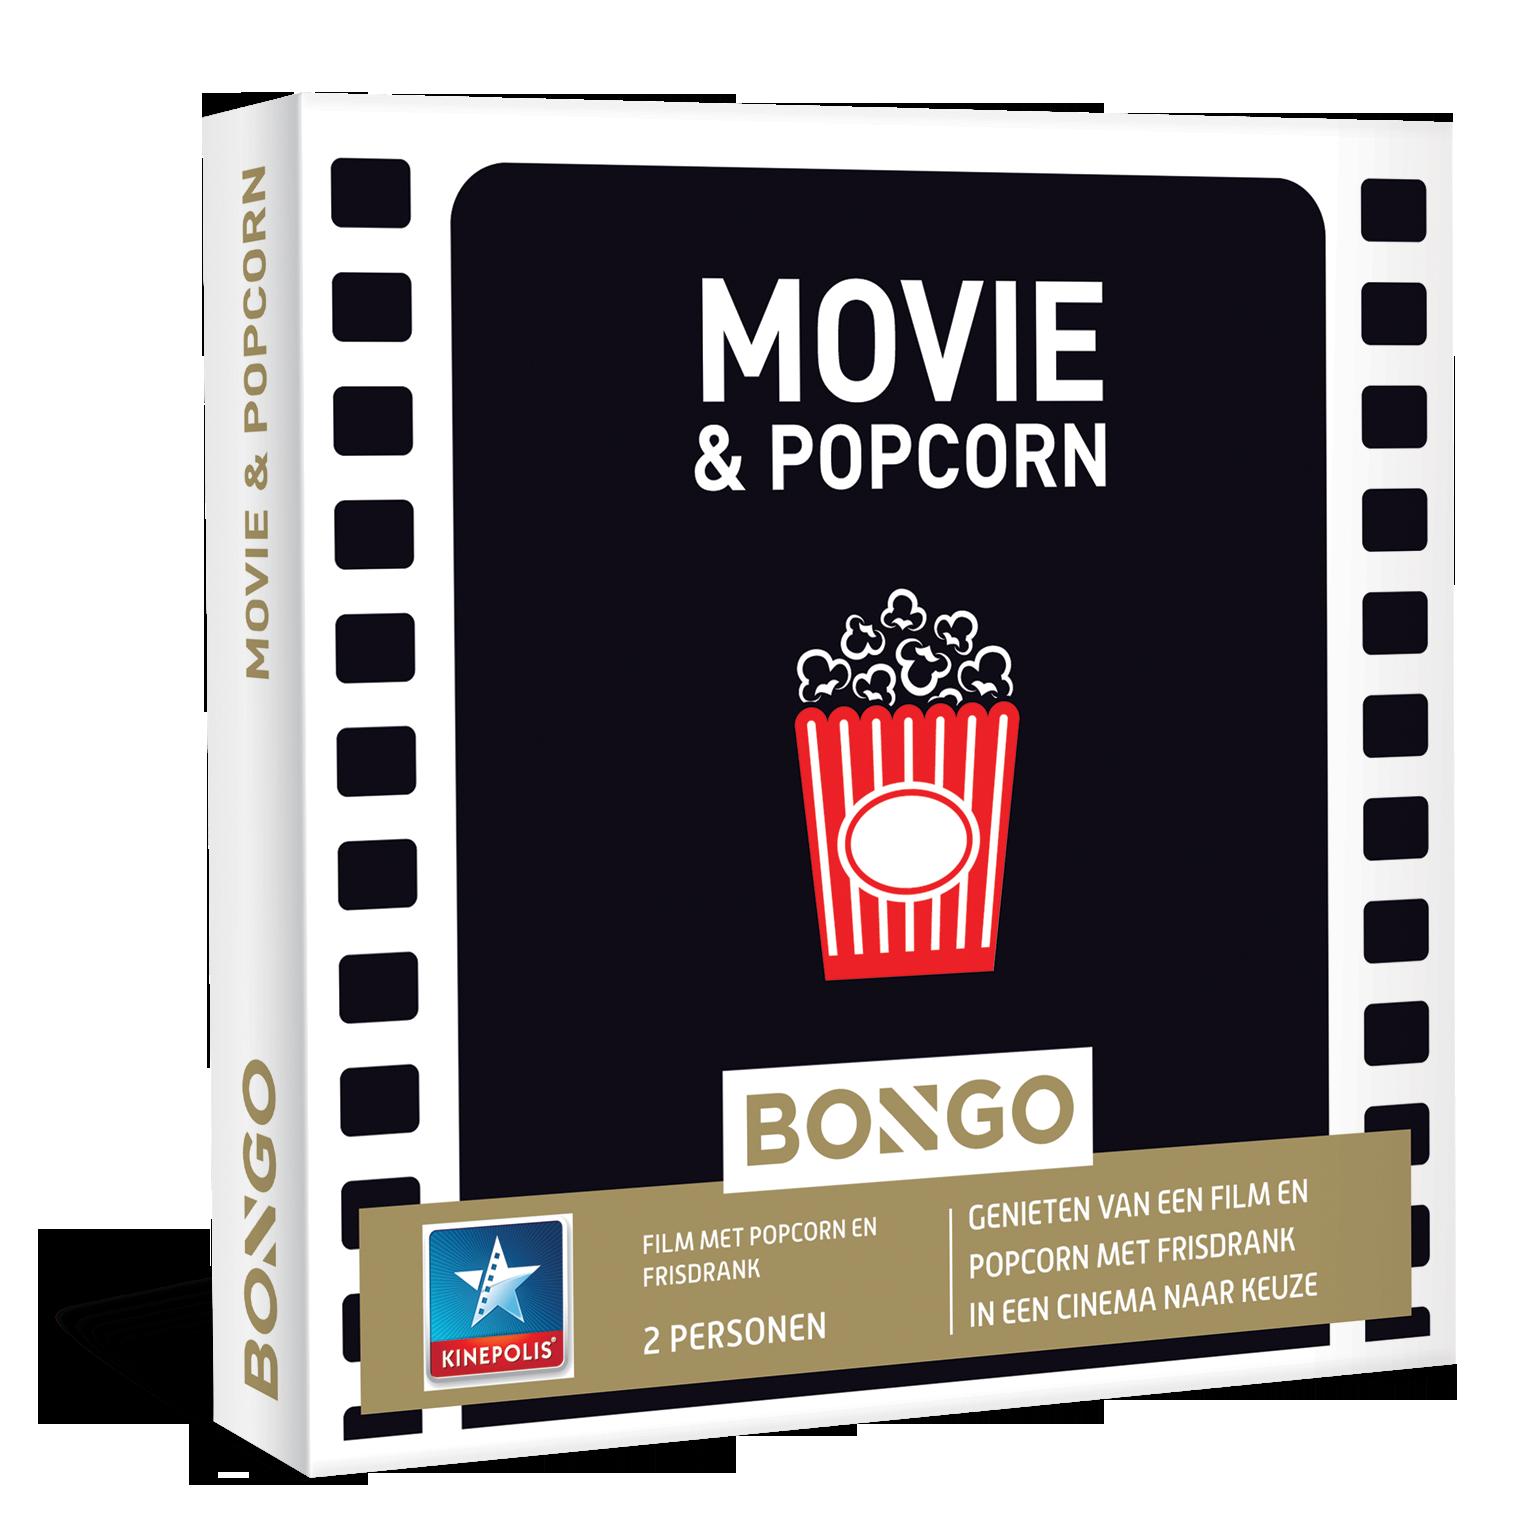 Movie_en_Popcorn_BE.png